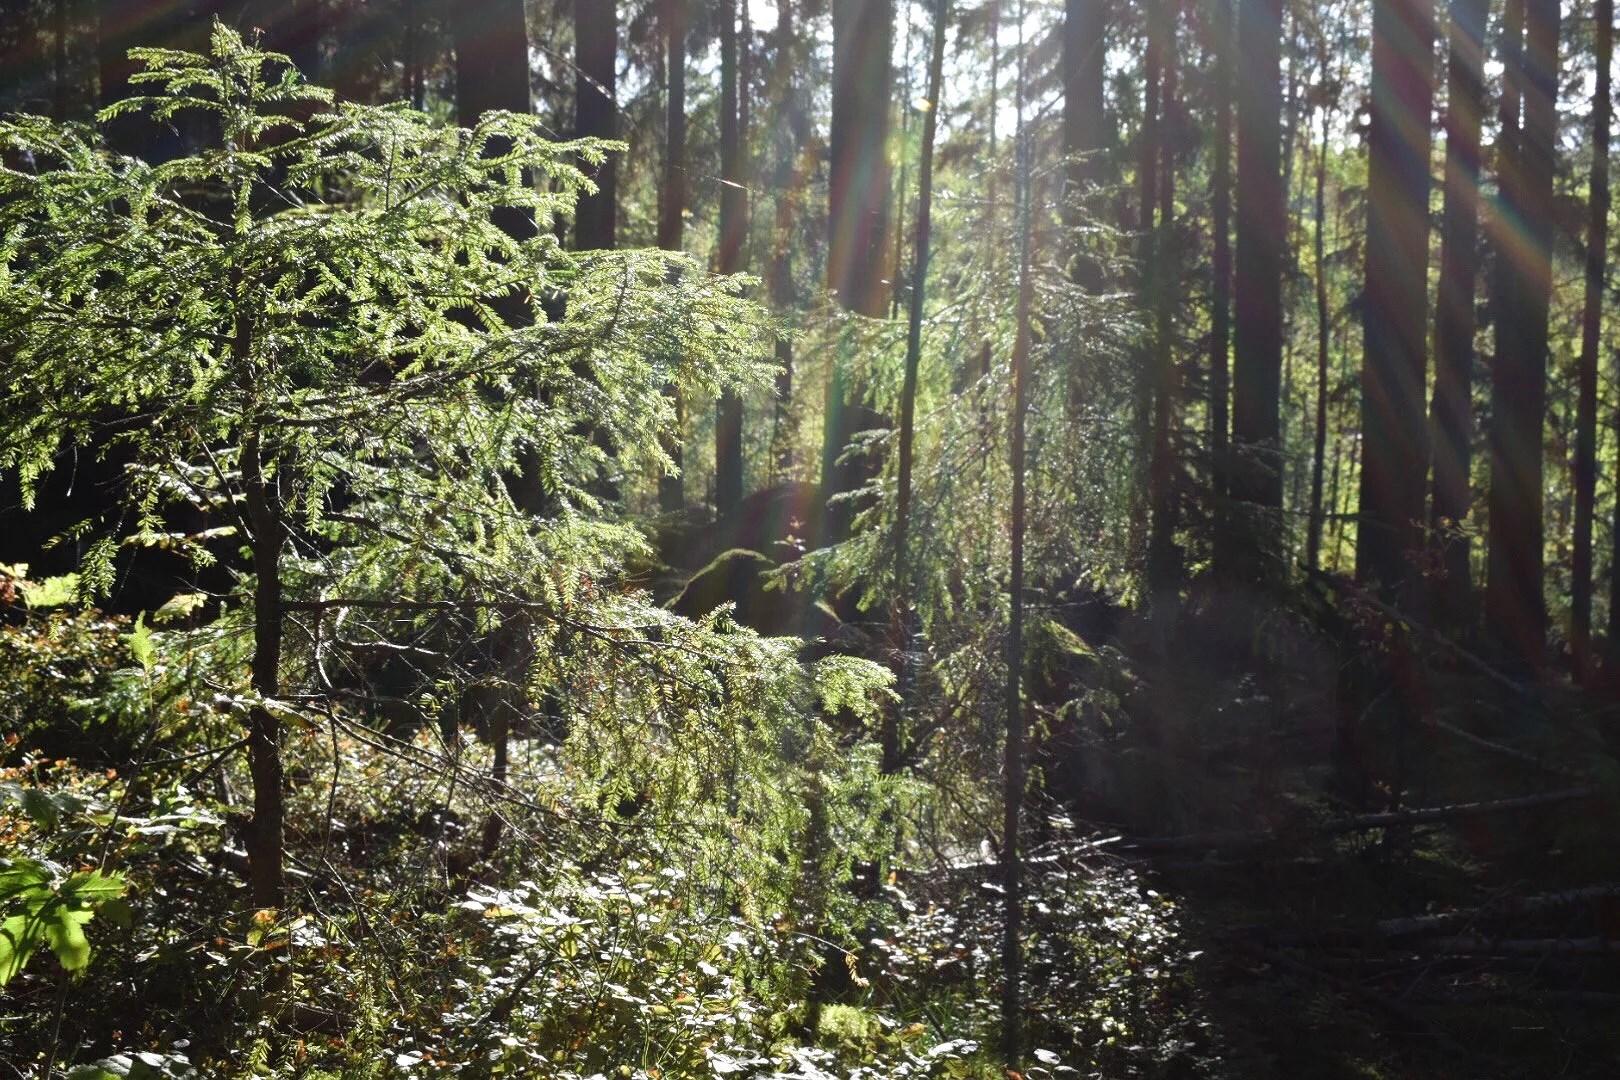 Samla energi i skogen